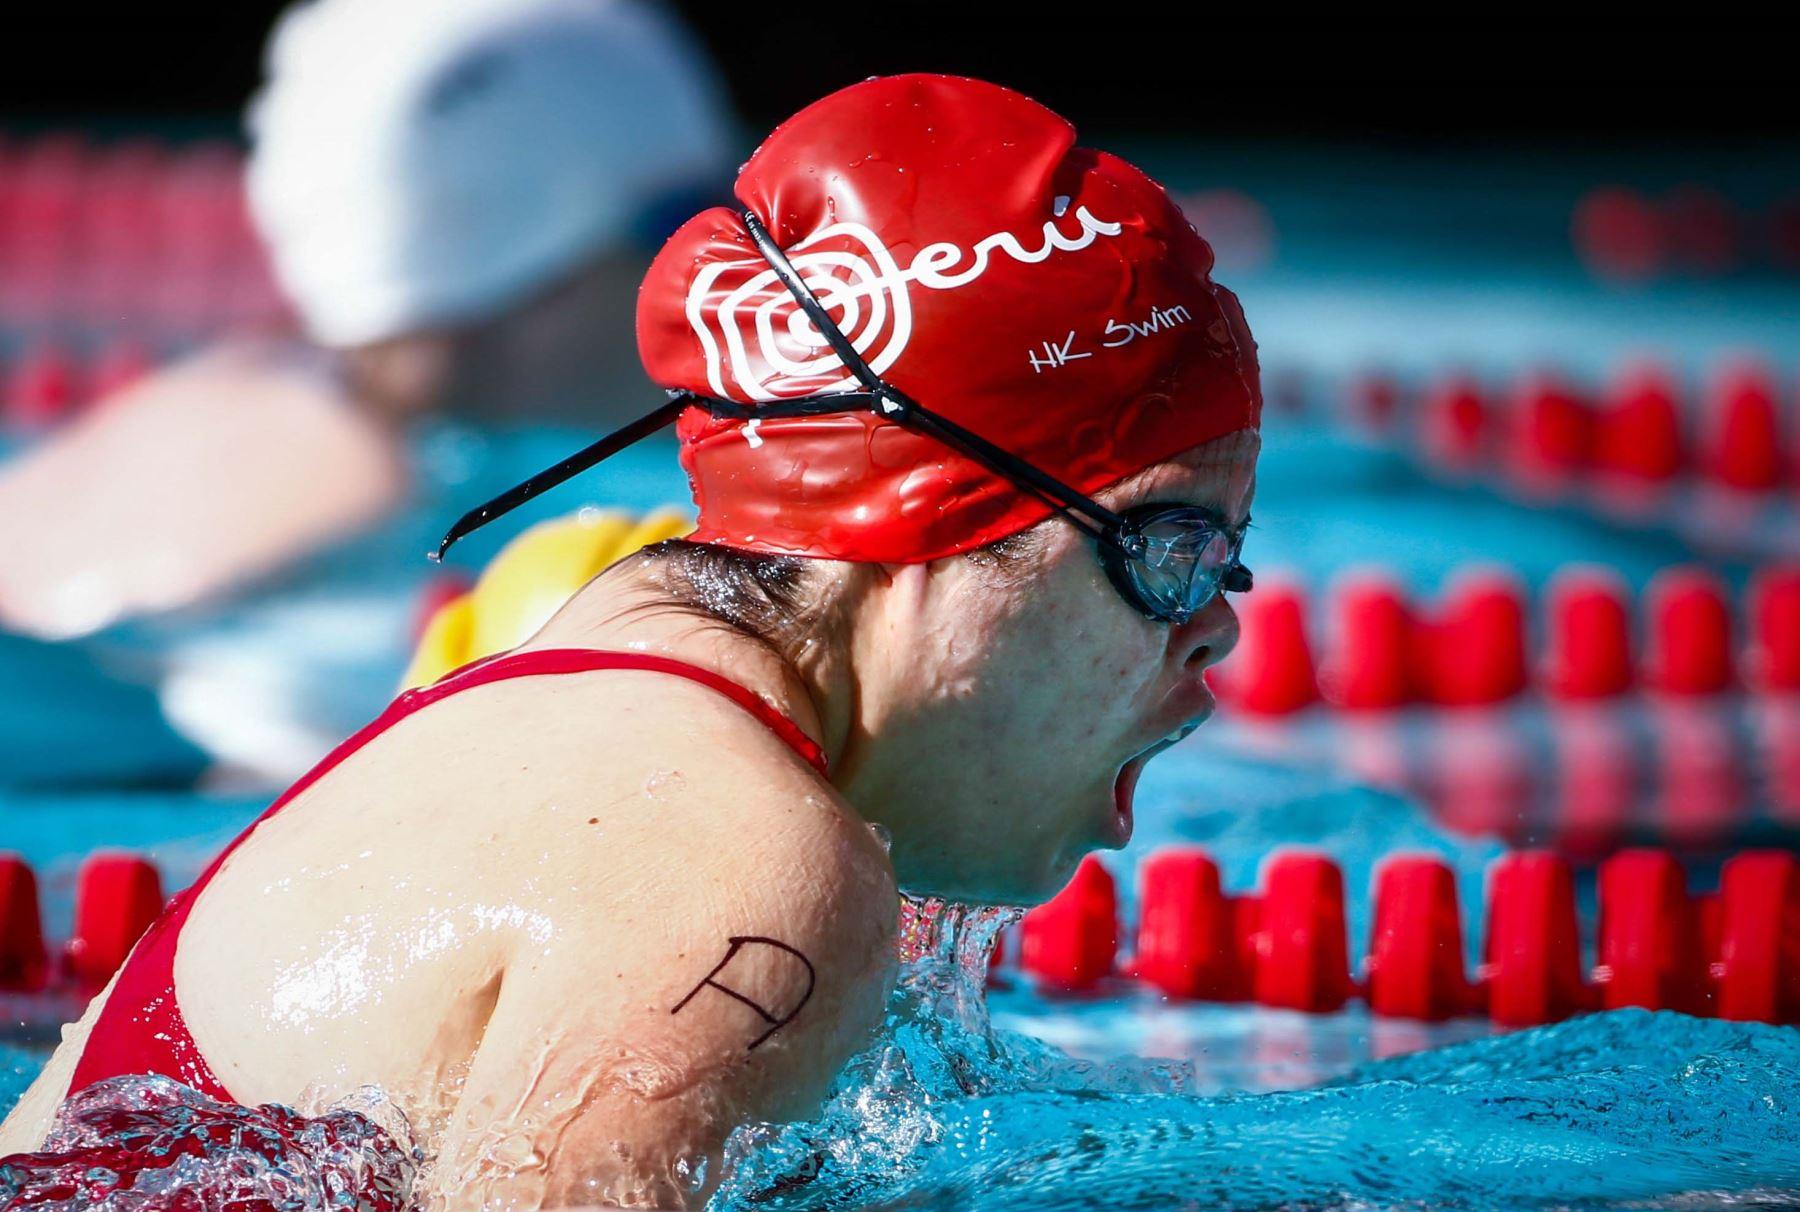 Perú suma 19 medallas en los juegos mundiales de olimpiadas especiales en Los Angeles, Estados Unidos.